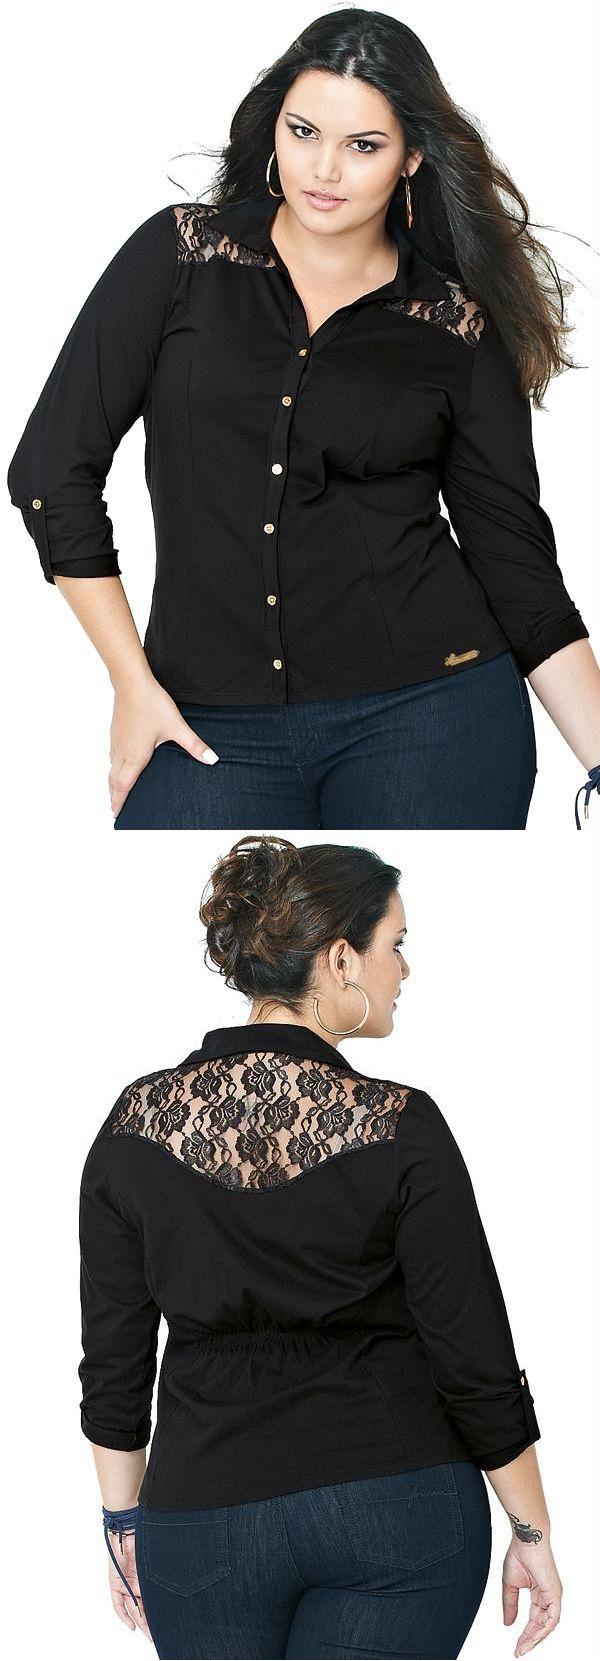 Camisa Lunender Plus com Renda Preto Reativo. Camisa plus meia malha penteado tem delicados acabamentos em renda e pequeninos botões dourados para deixar seu visual mais romântico e feminino. Pode ser usada com peças sociais ou jeans.